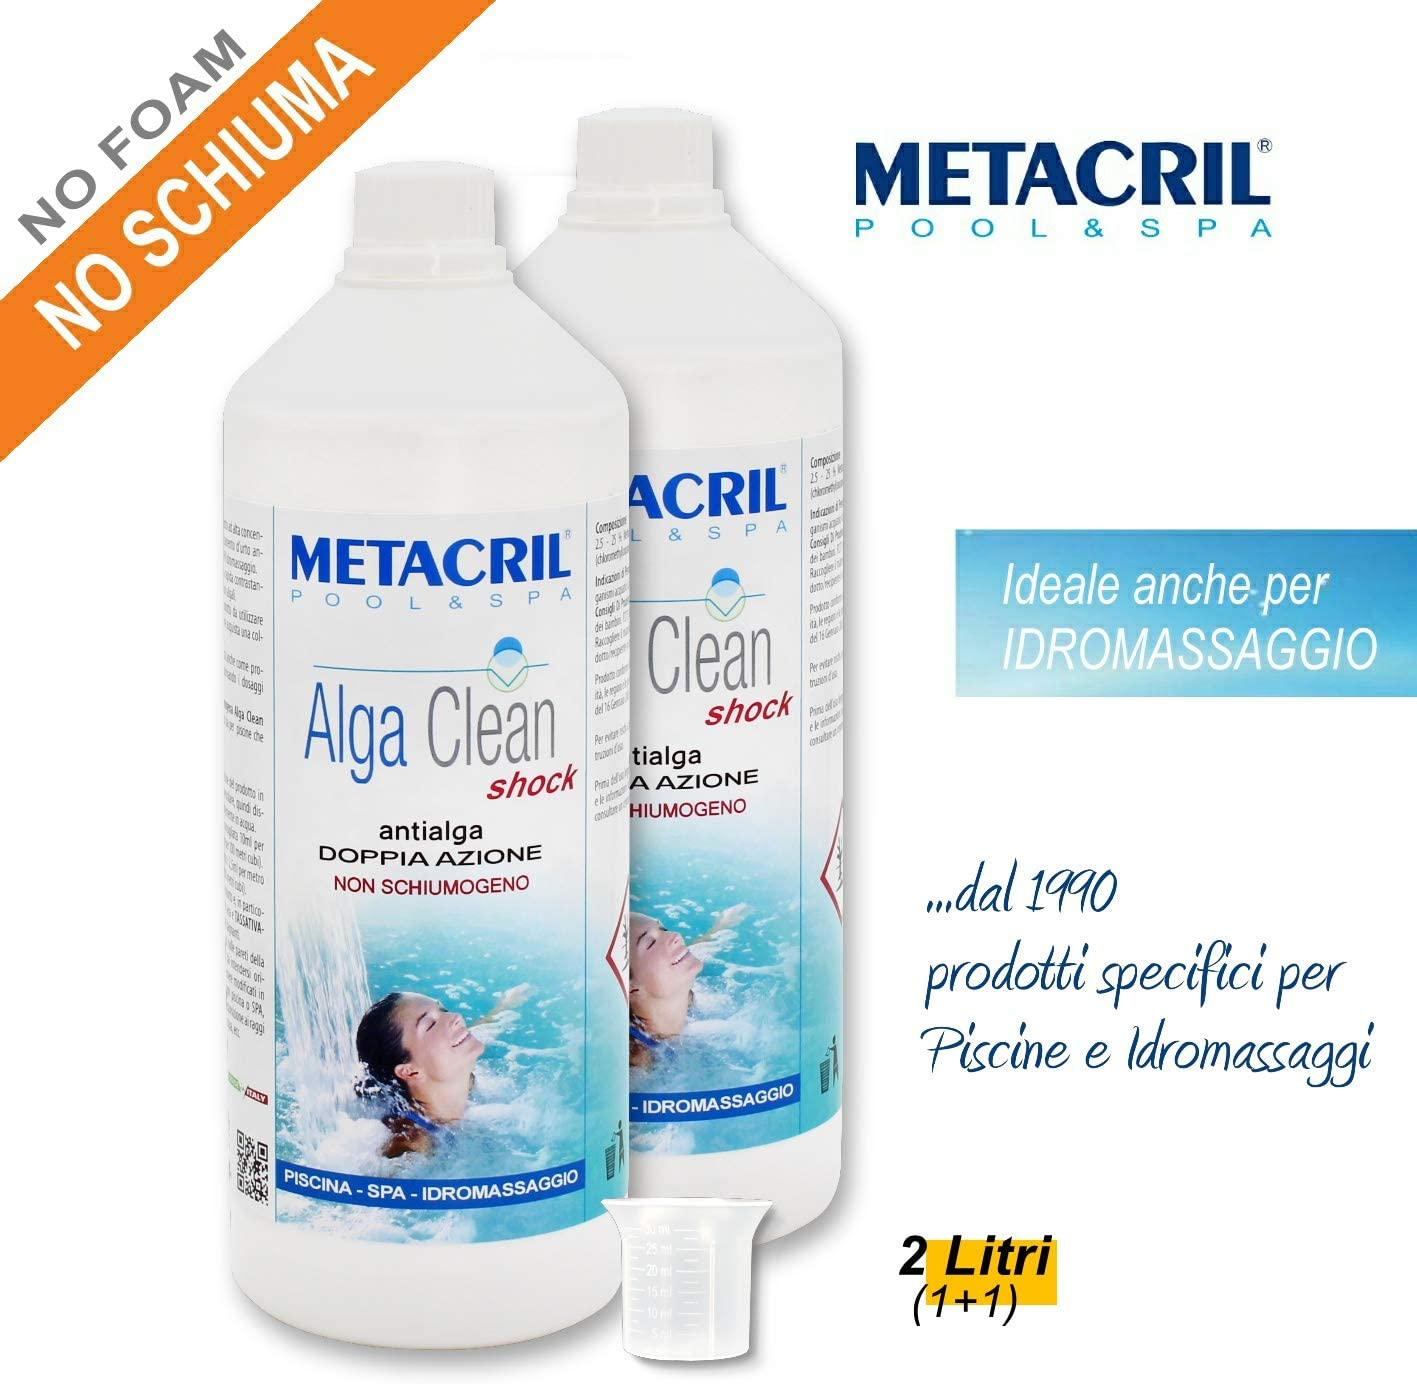 Metacril Antialgas Shock Doble acción + dosificador. Alga Clean Shock para hidromasaje, Piscina y SPA, rígidas o hinchables (Jacuzzi, Teuco, Dimhora, Intex, Bestway, ECC.) Envío inmediato.: Amazon.es: Jardín